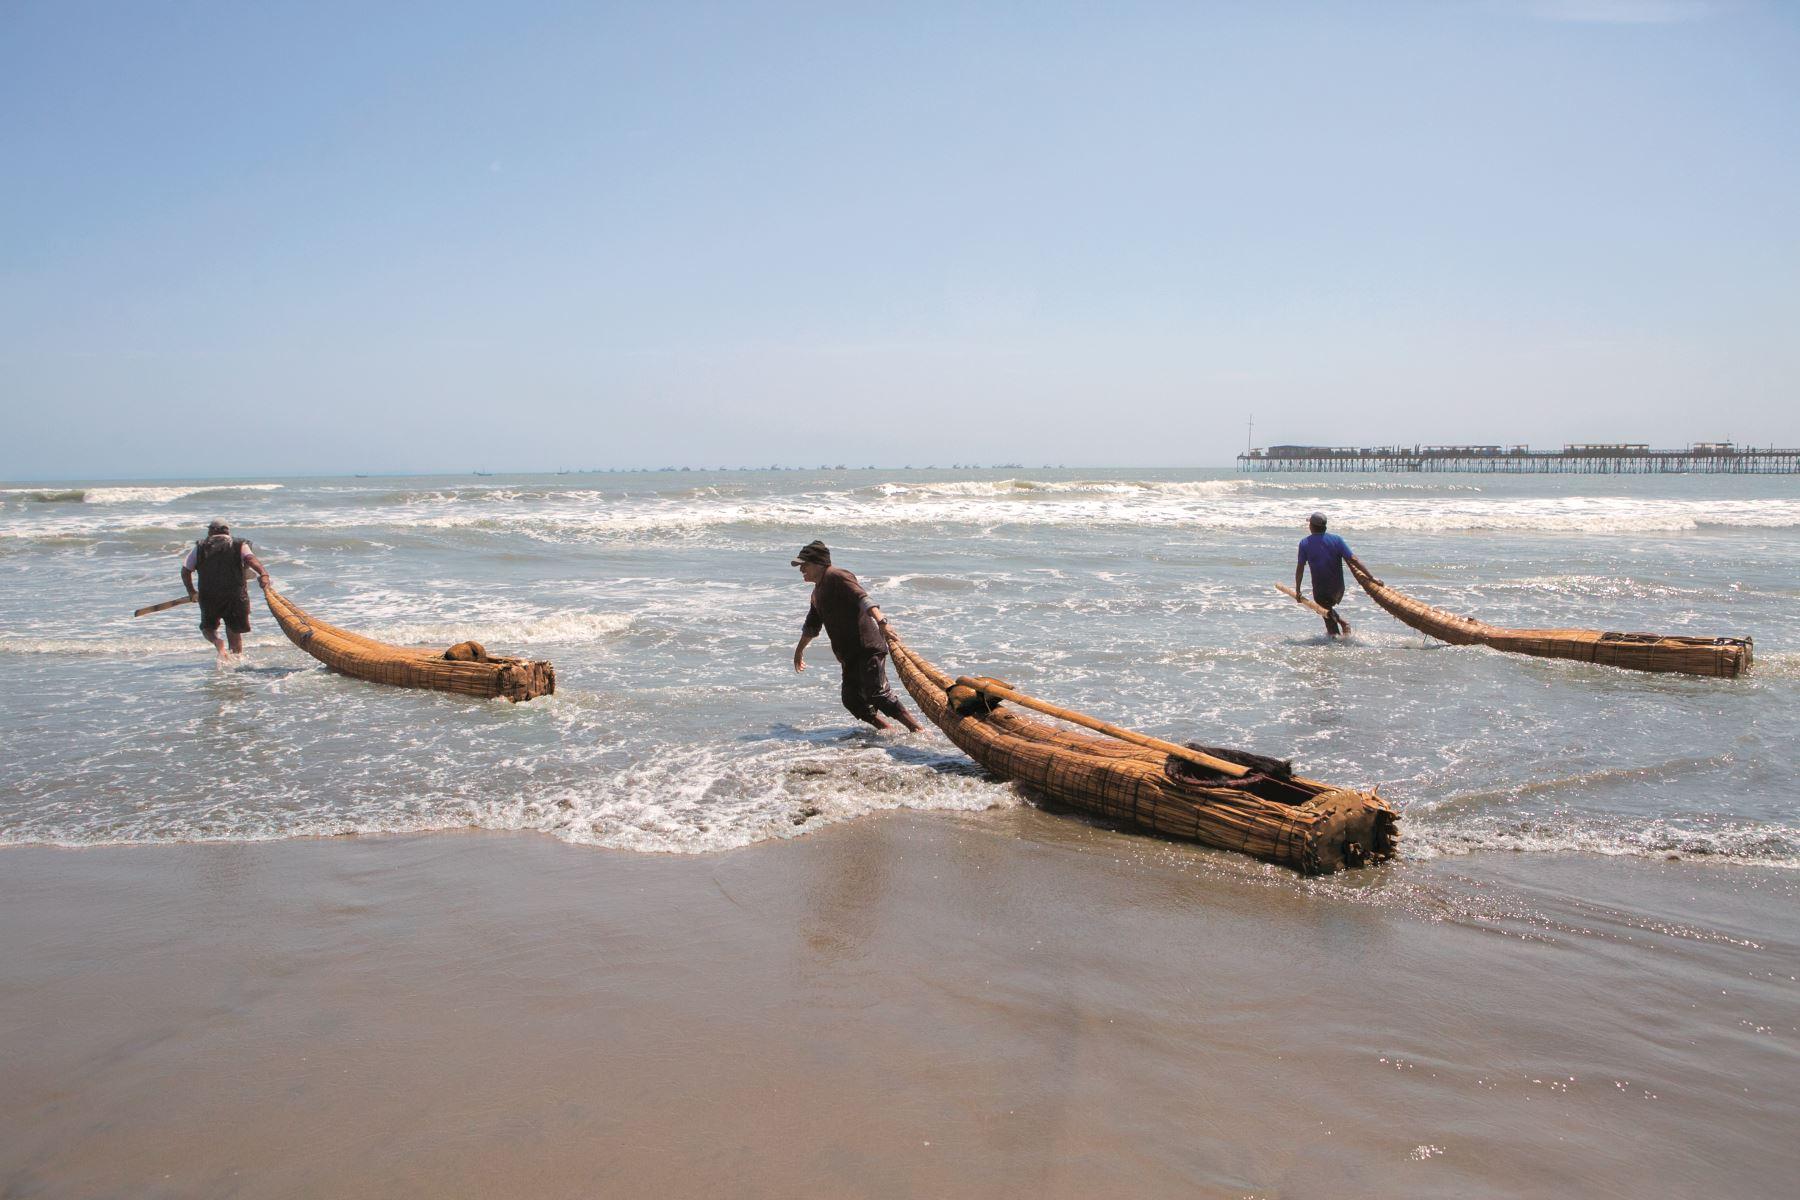 Pesca artesanal con caballitos de totora en el balneario de Pimentel. Foto: Difusión/ PROMPERU